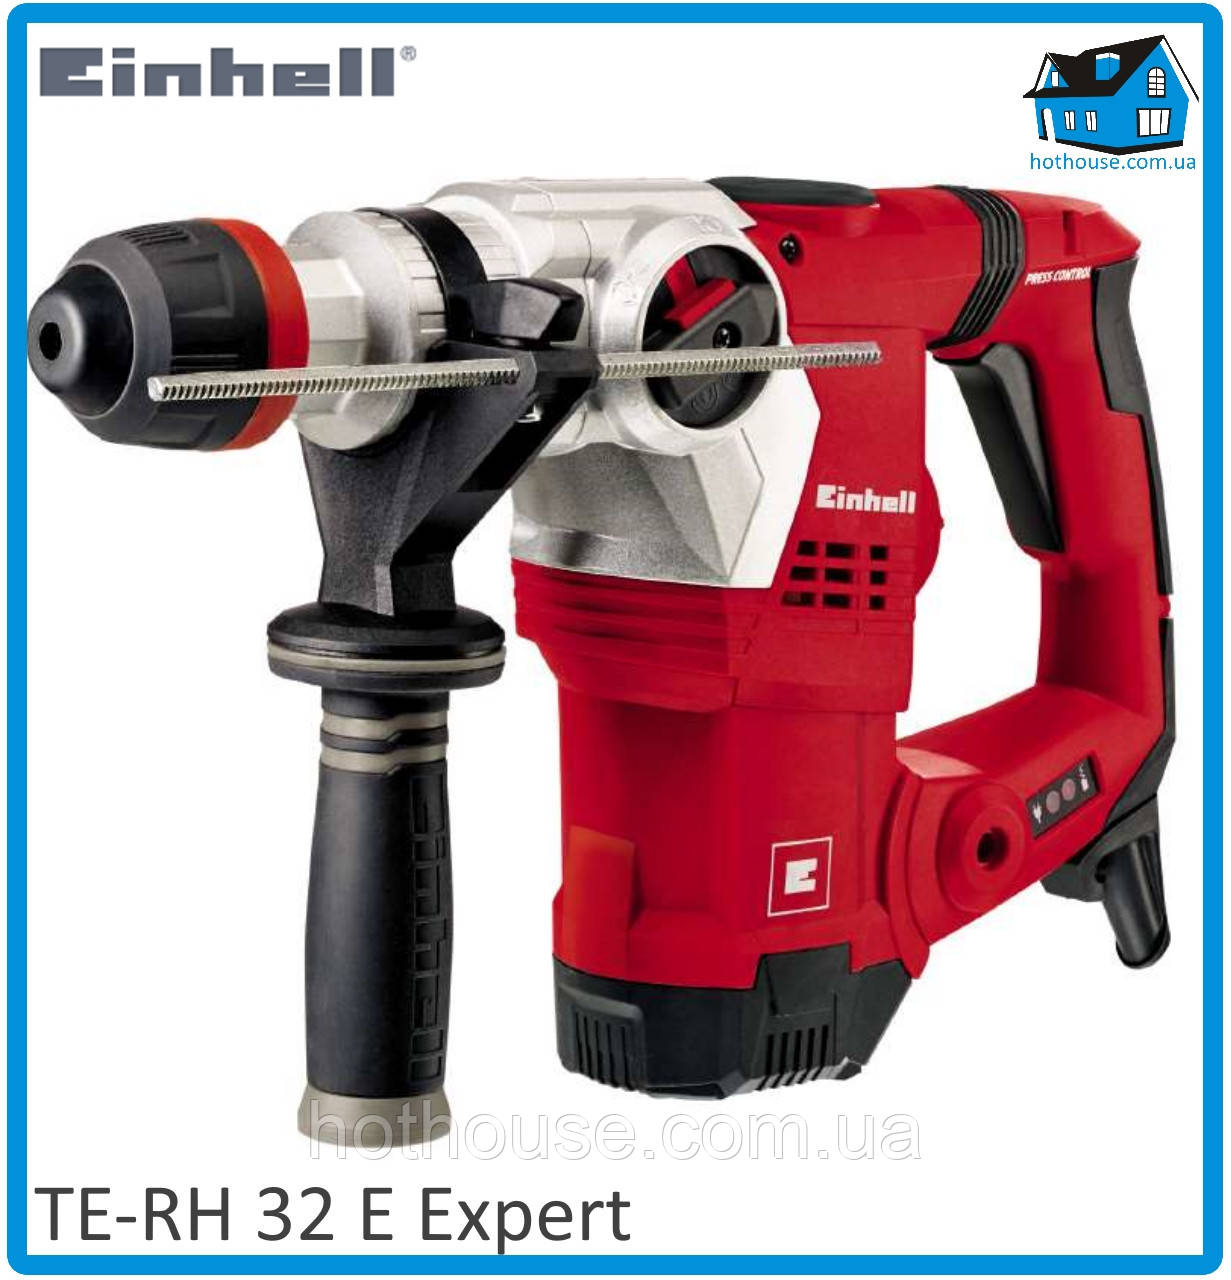 Перфоратор Einhell TE-RH 32 E Expert